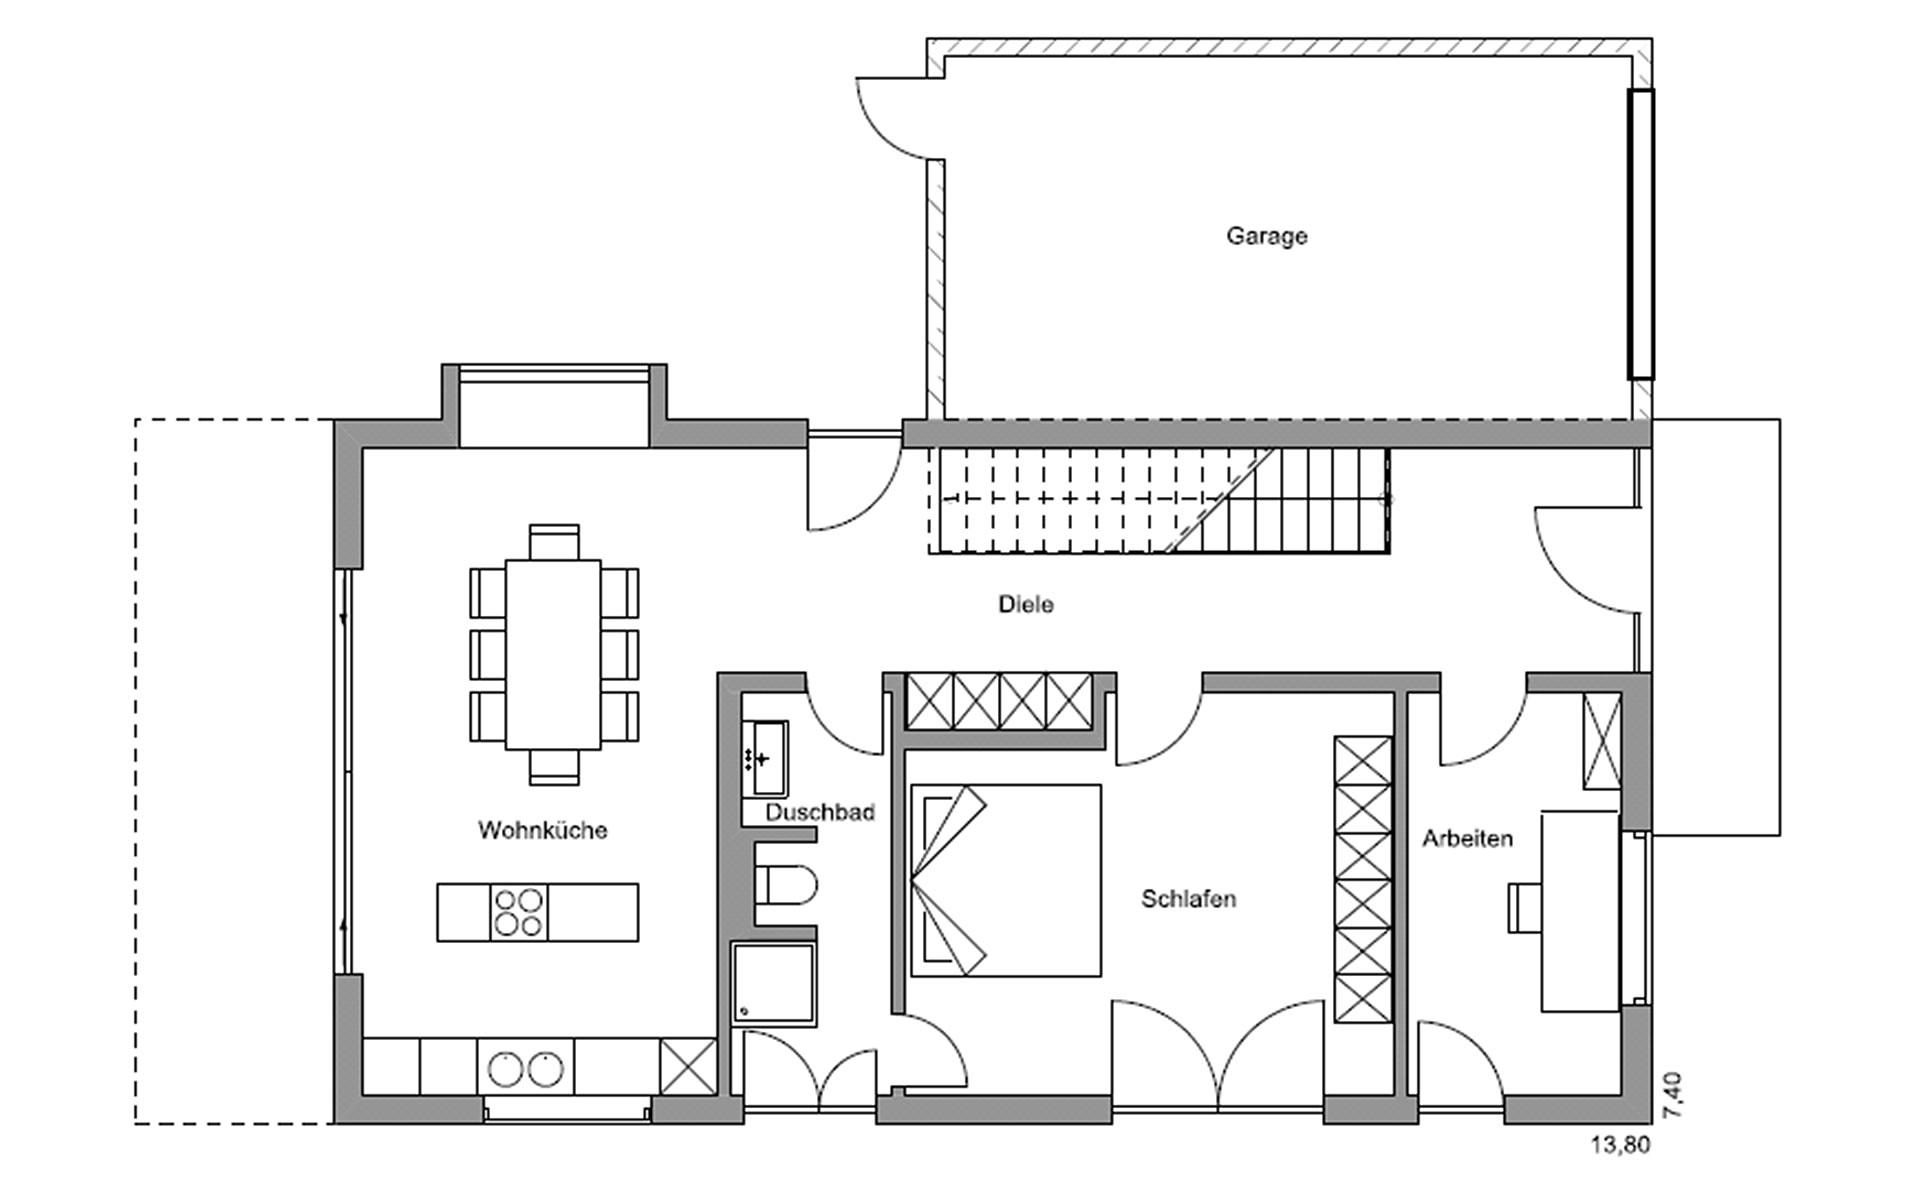 Erdgeschoss Kufstein von Regnauer Hausbau GmbH & Co. KG